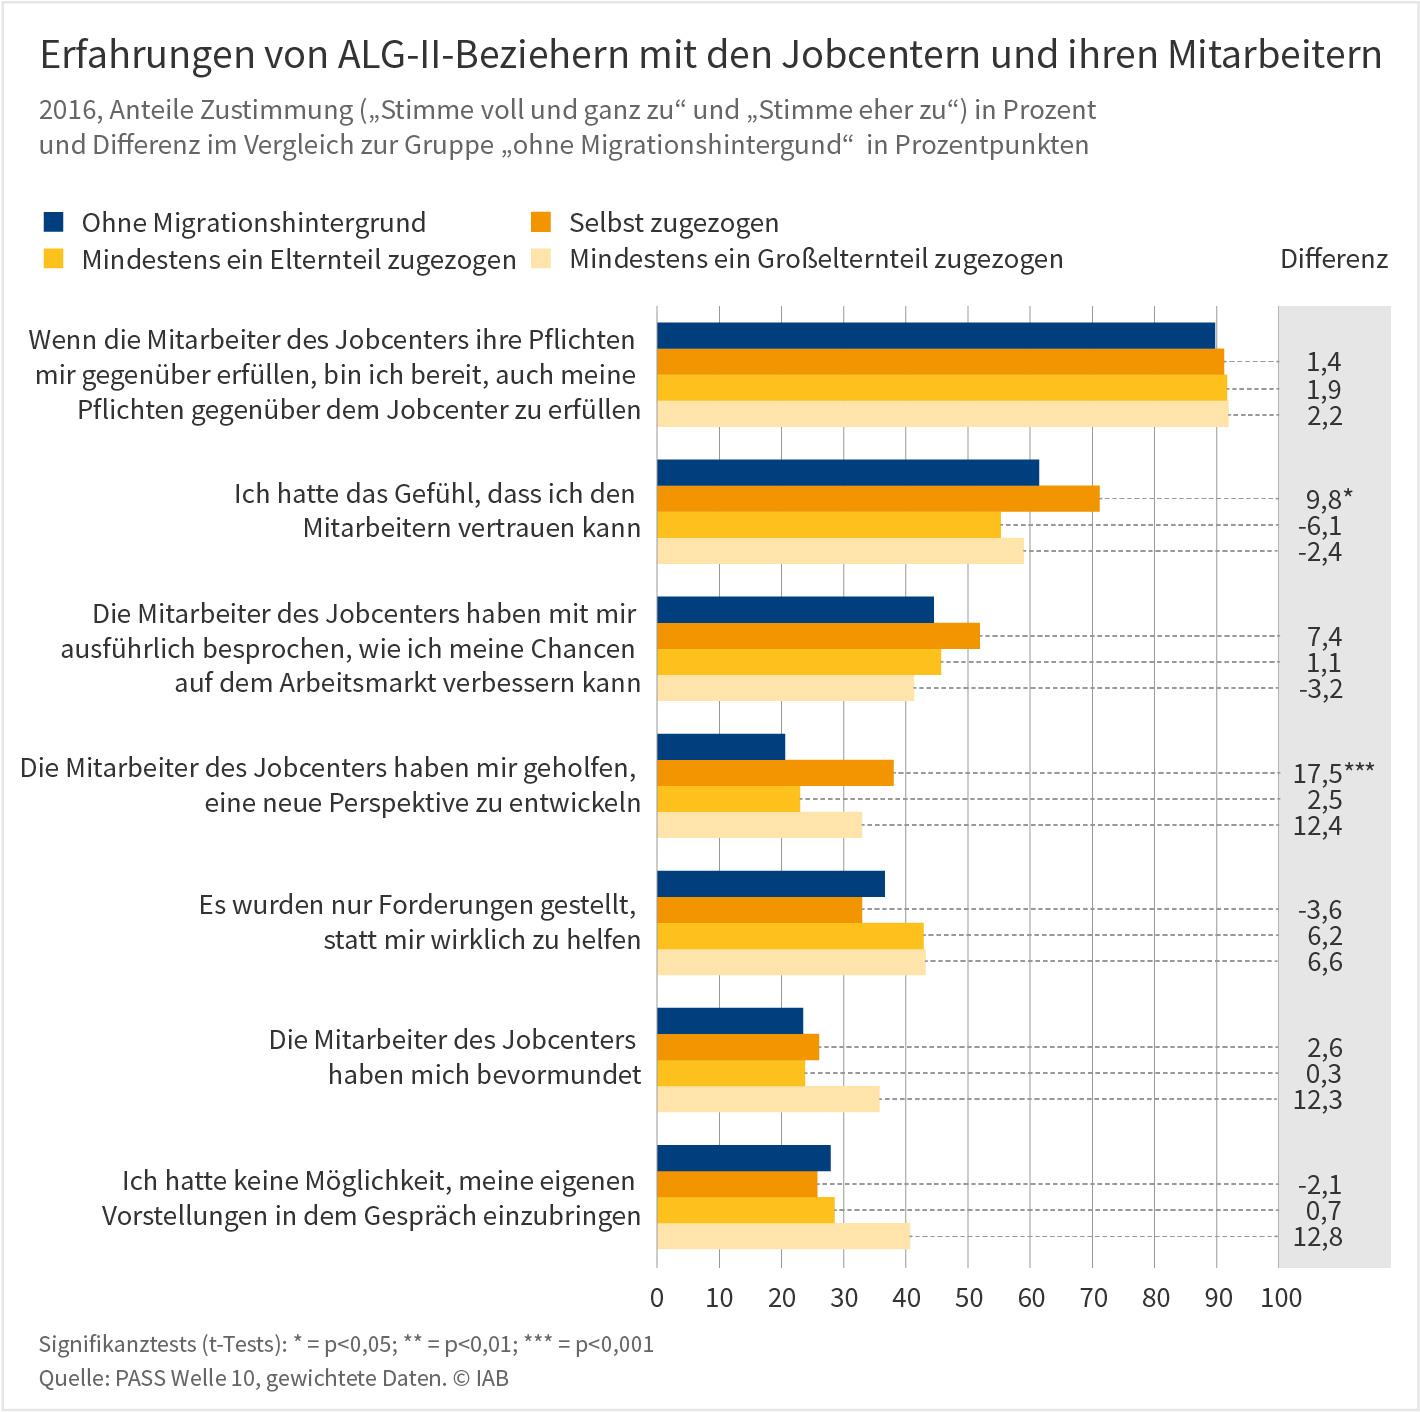 """Grafik """"Erfahrungen von ALG-II-Beziehern mit den Jobcentern und ihren Mitarbeitern"""